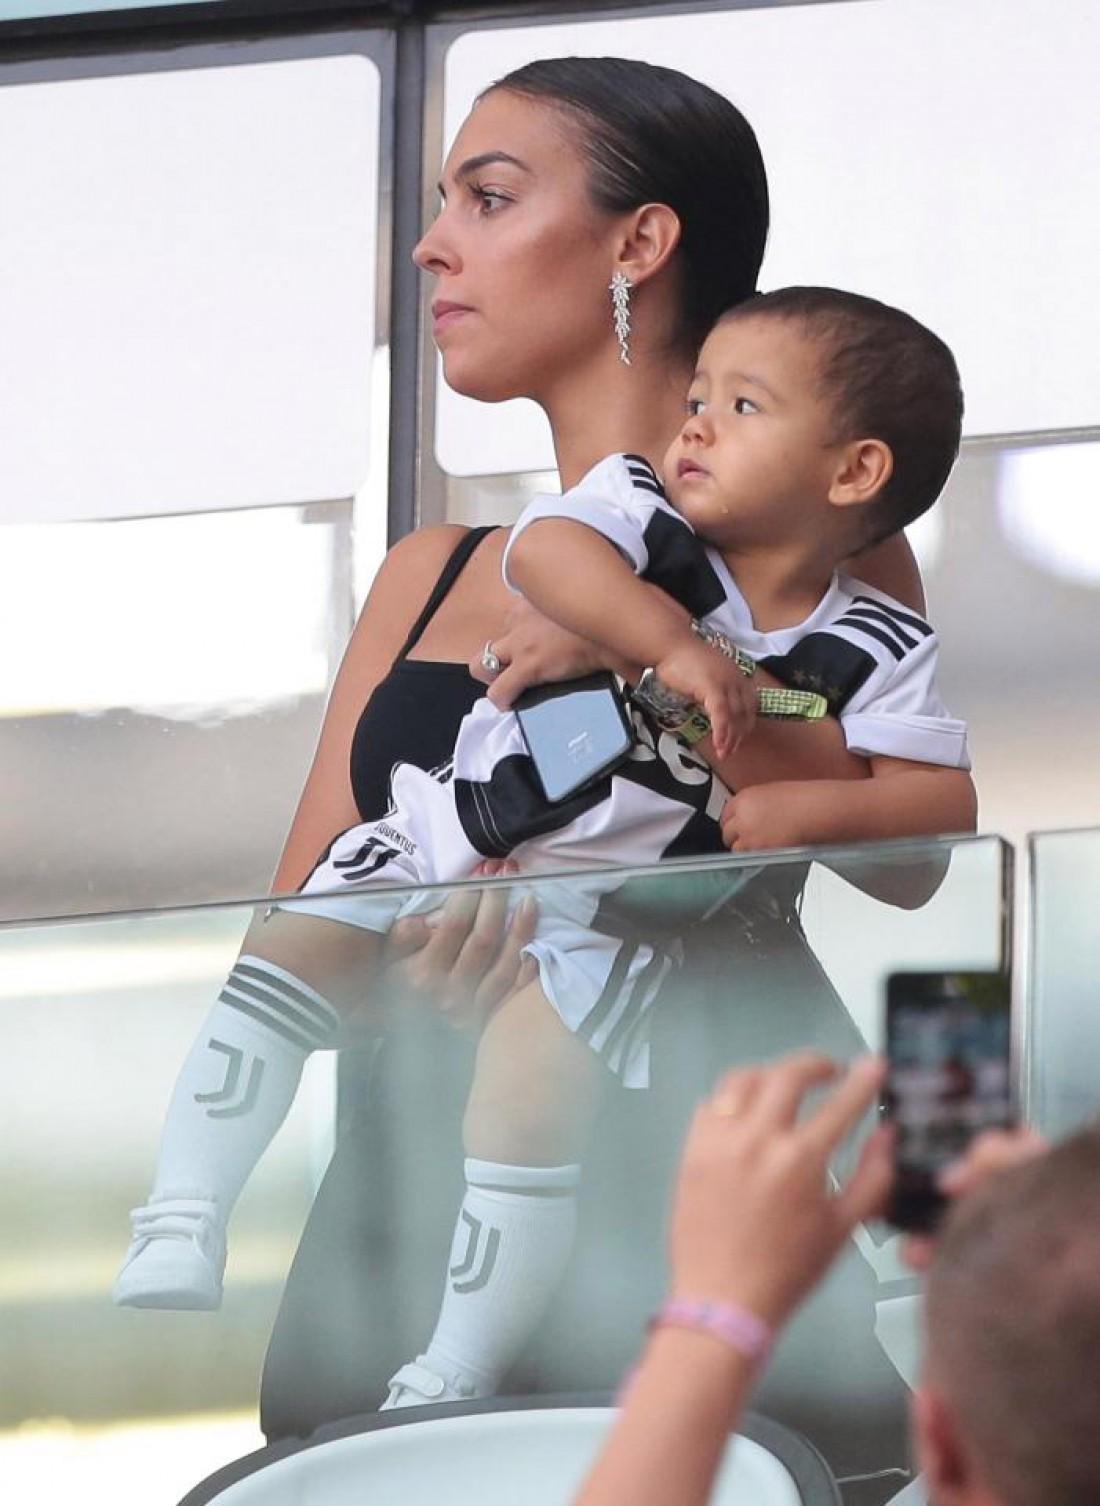 Джорджина Родригес с детьми Роналду на стадионе Ювентуса